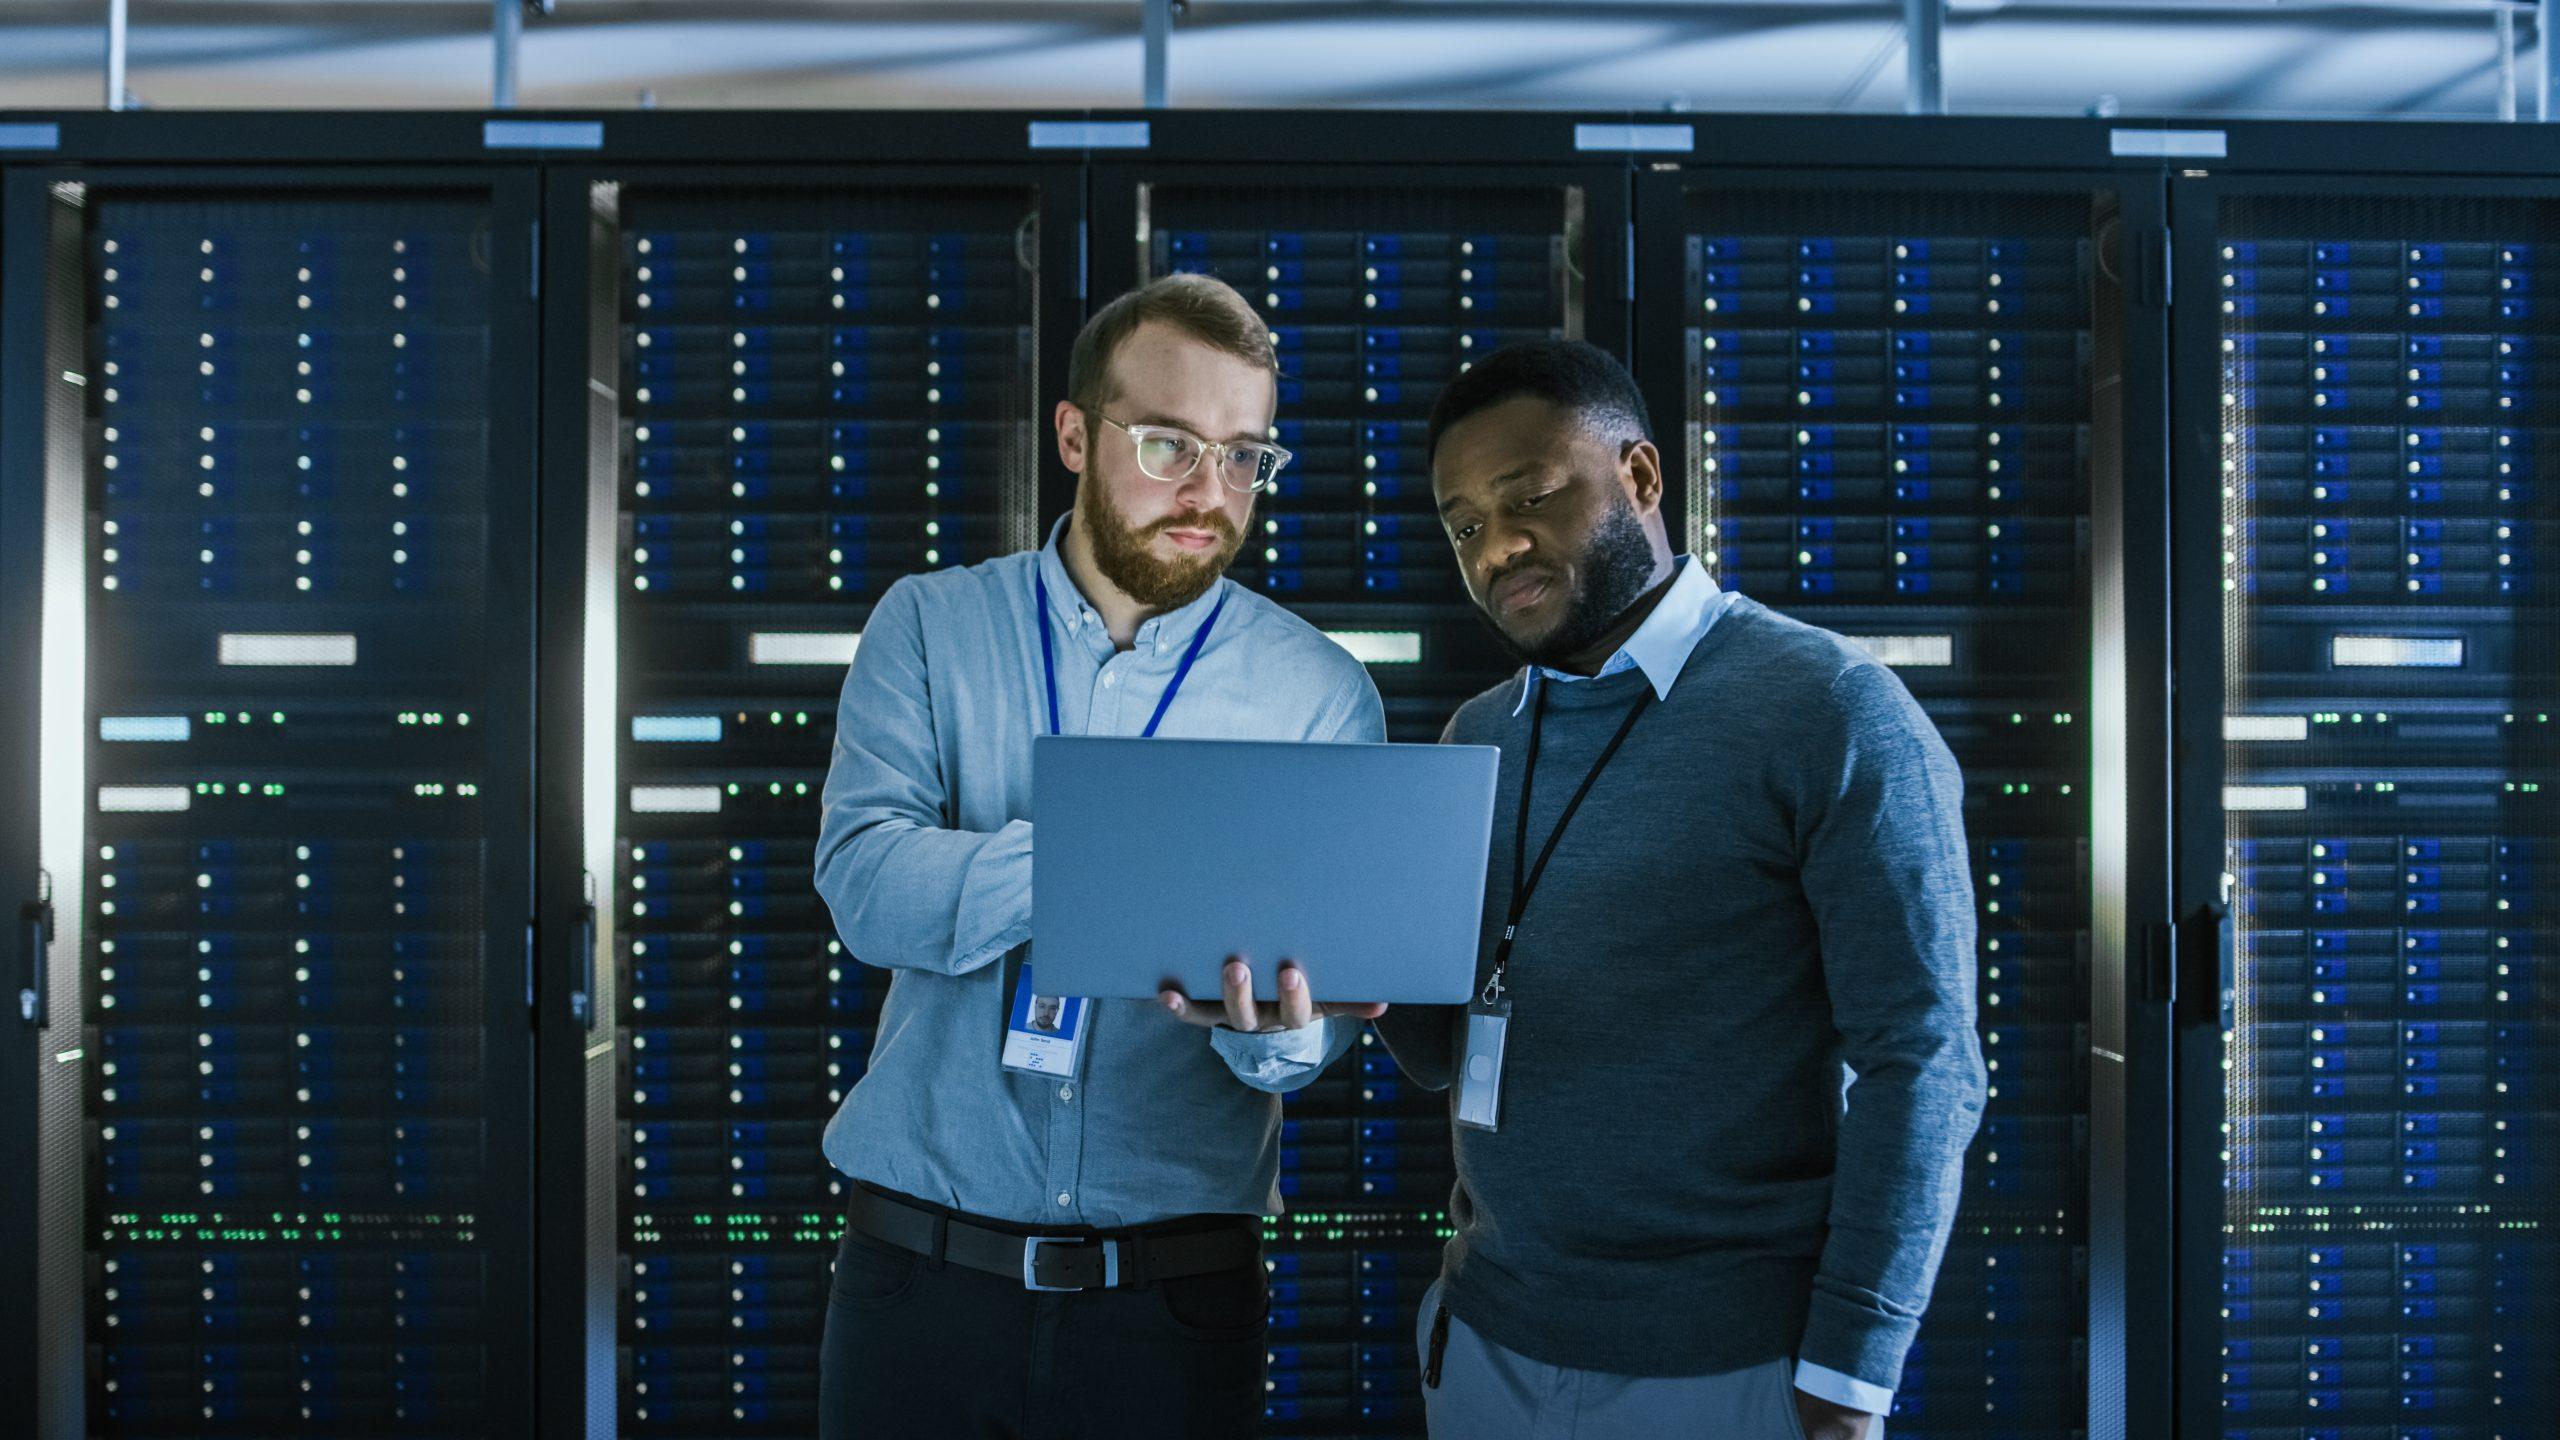 Zwei Männer arbeiten im Serverraum